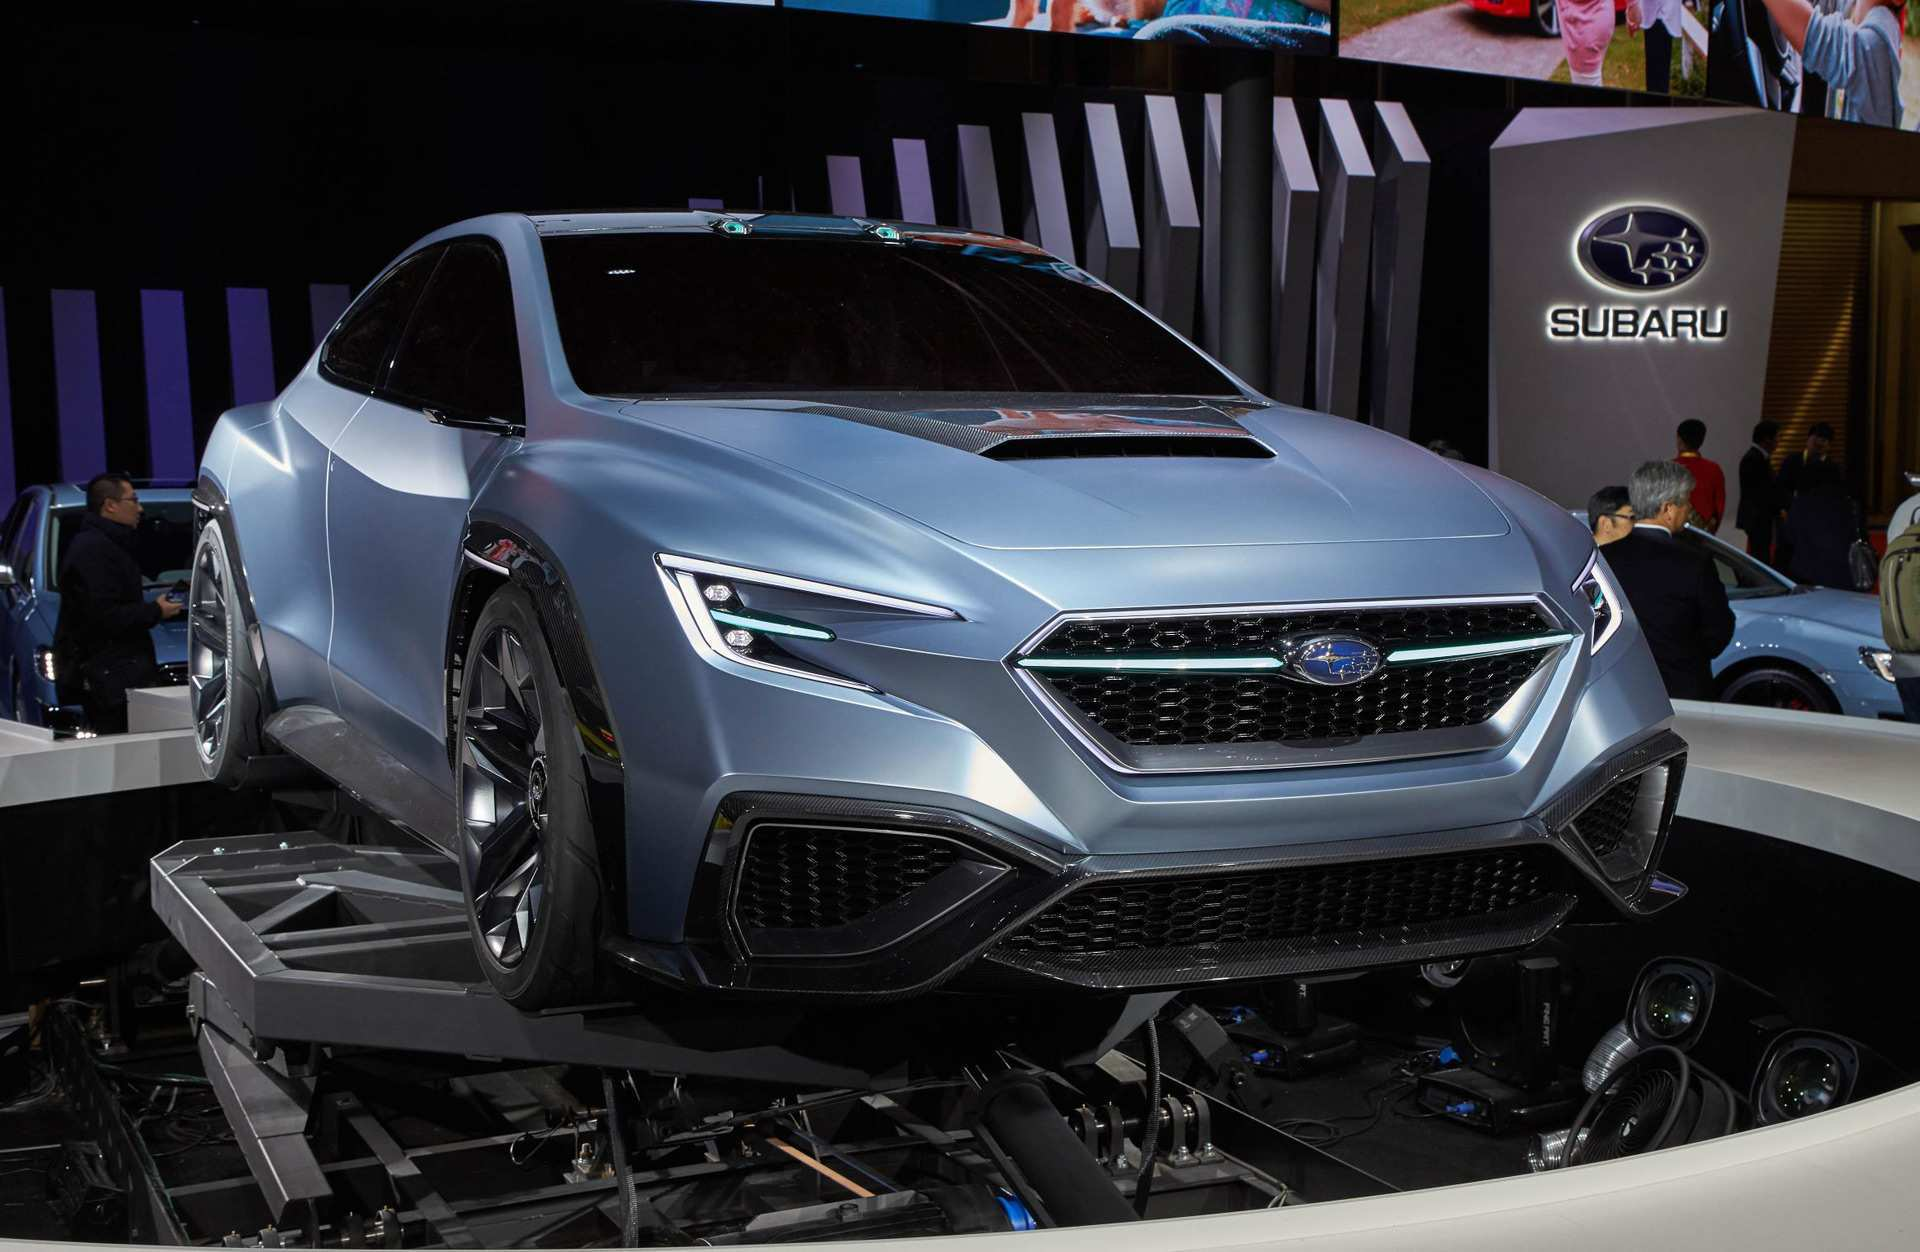 99 All New 2020 Subaru Sti News Price with 2020 Subaru Sti News